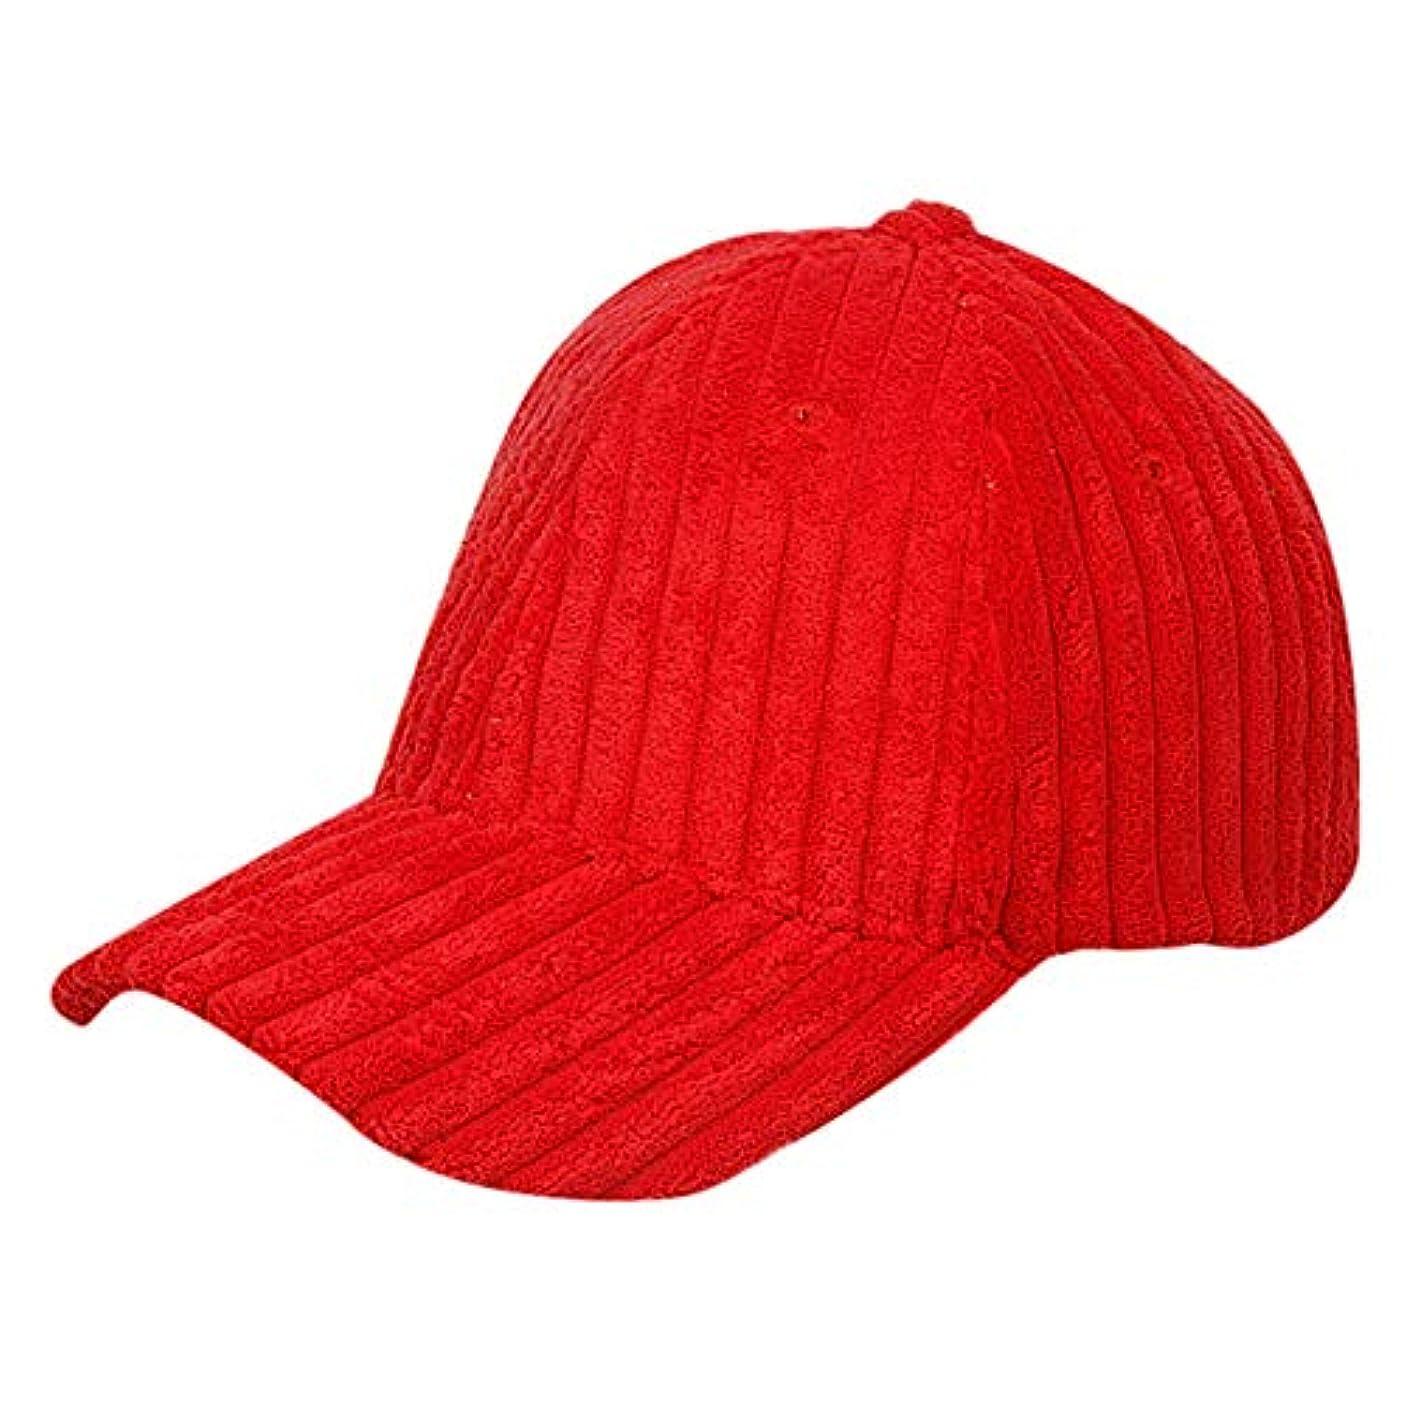 シャワートリム気がついてRacazing Cap コーデュロイ 野球帽 迷彩 冬 登山 通気性のある メッシュ 帽子 ベルクロ 可調整可能 ストライプ 刺繍 棒球帽 UV 帽子 軽量 屋外 Unisex Hat (赤)